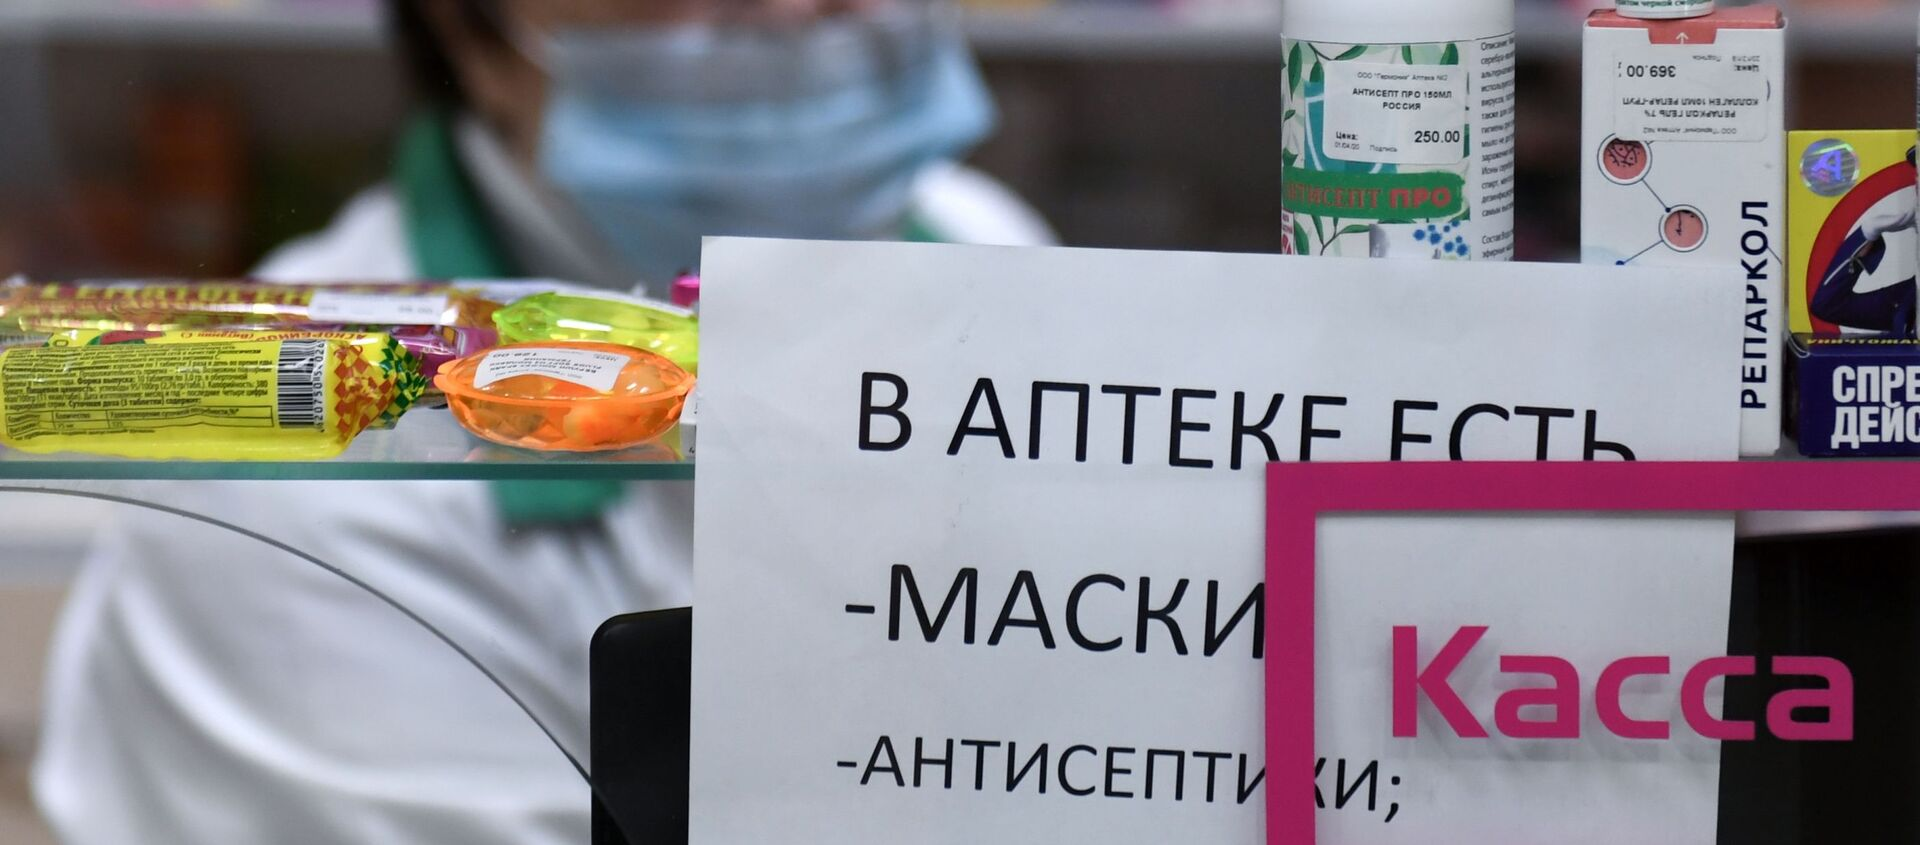 Объявление о наличии масок, антисептиков и перчаток в аптеке - Sputnik Узбекистан, 1920, 17.08.2020